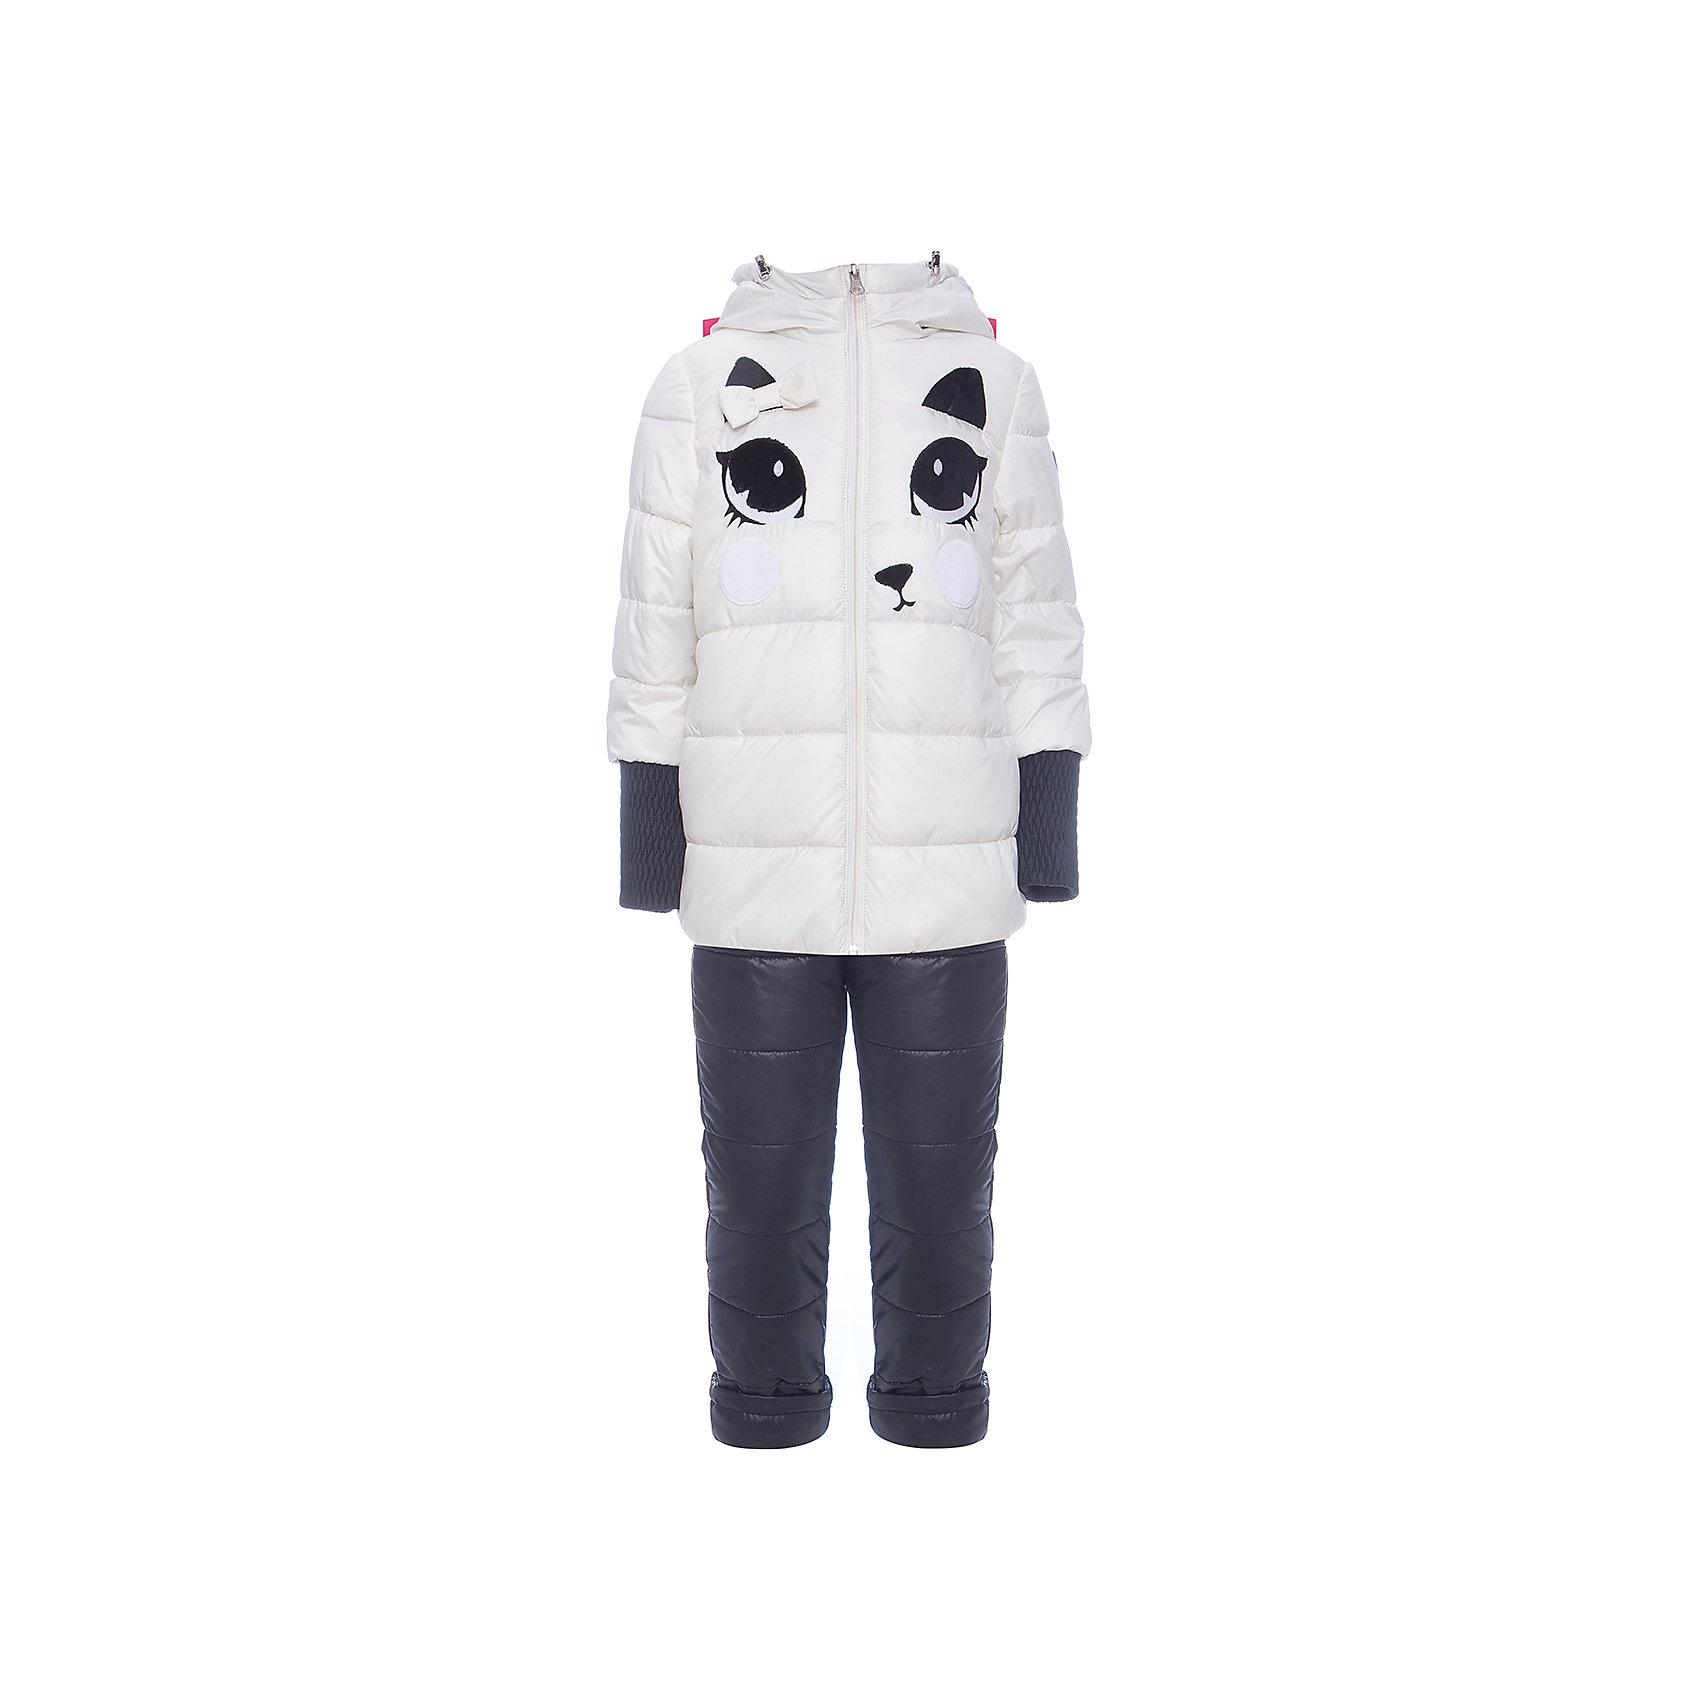 Комплект: куртка и брюки BOOM by Orby для девочкиВерхняя одежда<br>Характеристики товара:<br><br>• цвет: белый<br>• ткань верха: куртка - Таффета oil cire pu milky, брюки - Болонь pu milky<br>• подкладка: куртка - Флис; ПЭ пуходержащий; брюки - ПЭ пуходержащий<br>• утеплитель: куртка - Flexy Fiber 200 г/м2; брюки - Flexy Fiber 80 г/м2<br>• сезон: демисезон<br>• температурный режим: от -10° до +10°С<br>• особенности куртки: на молнии, дутая<br>• особенности брюк: на резинке, дутые<br>• капюшон: без меха <br>• страна бренда: Россия<br>• страна изготовитель: Россия<br><br>Демисезонный комплект для девочки состоит из куртки с капюшоном и удобных брюк. Утеплитель и плотная ткань верха делает его подходящим для сырой и холодной погоды. Модный и удобный комплект создан специально для девочек. <br><br>Комплект: куртка и брюки BOOM by Orby для девочки можно купить в нашем интернет-магазине.<br><br>Ширина мм: 356<br>Глубина мм: 10<br>Высота мм: 245<br>Вес г: 519<br>Цвет: белый<br>Возраст от месяцев: 48<br>Возраст до месяцев: 60<br>Пол: Женский<br>Возраст: Детский<br>Размер: 110,122,104,86,92,98,116<br>SKU: 7007608